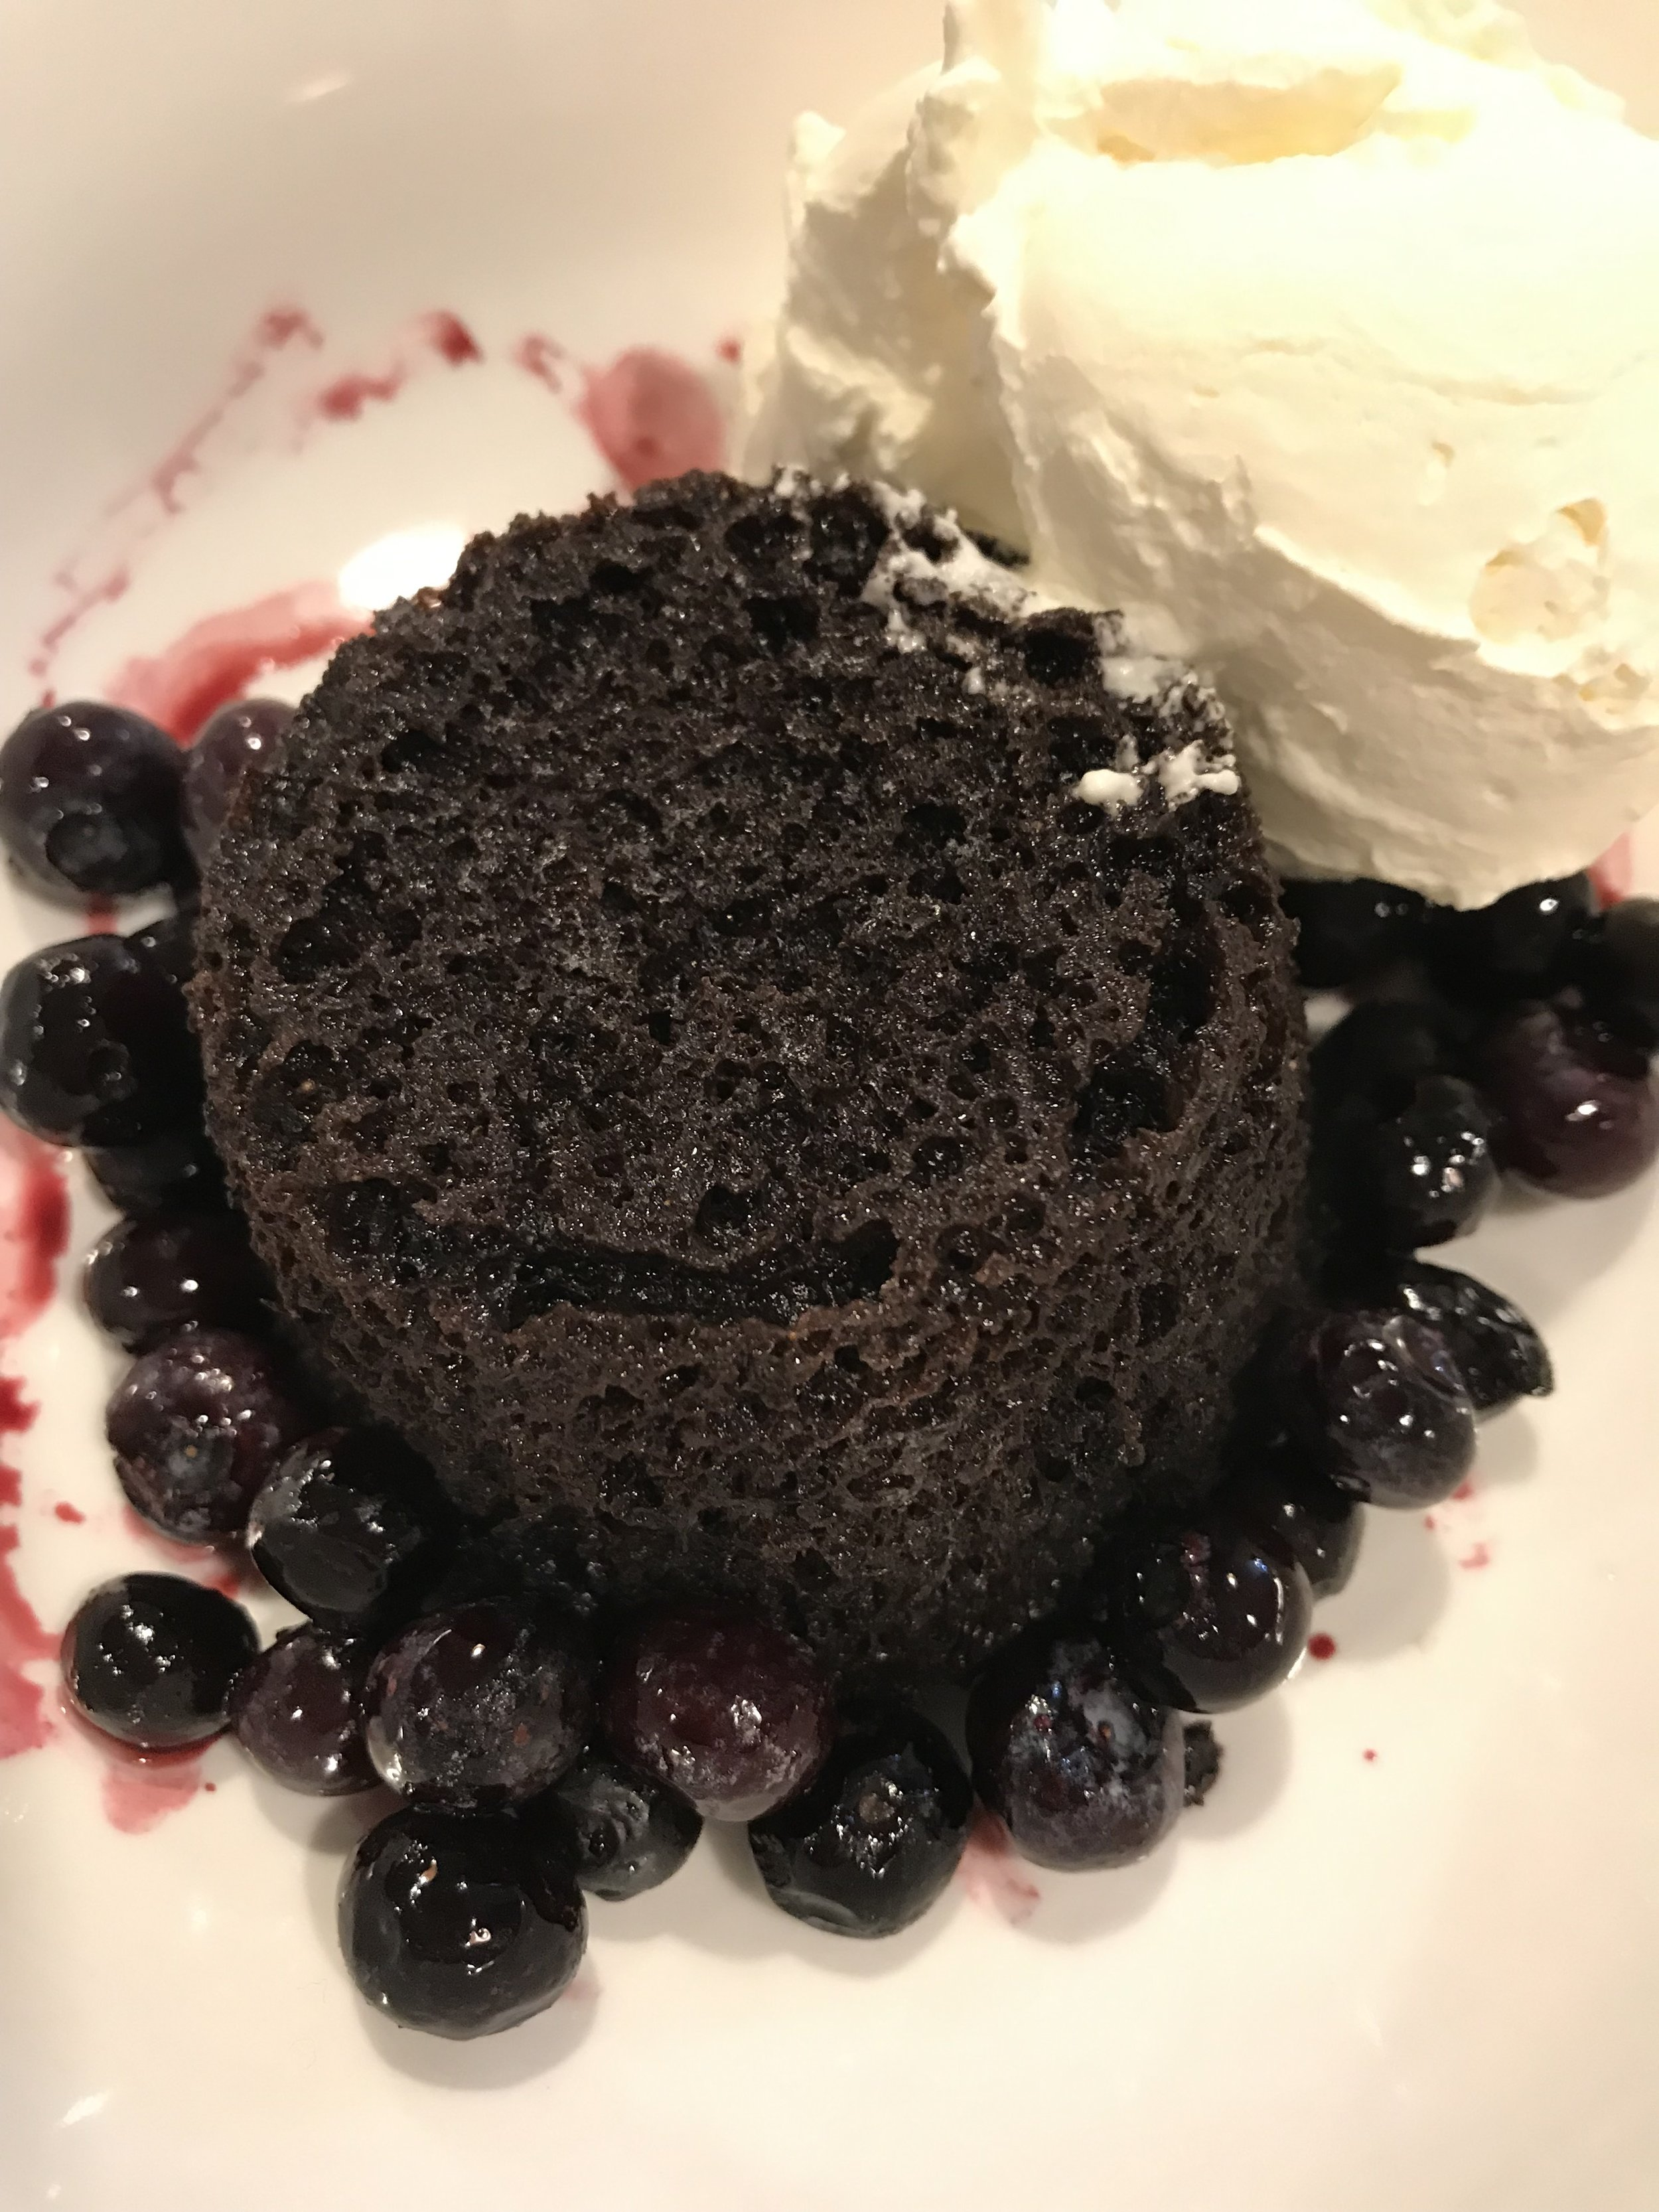 Low Carb Chocolate Mud Cake